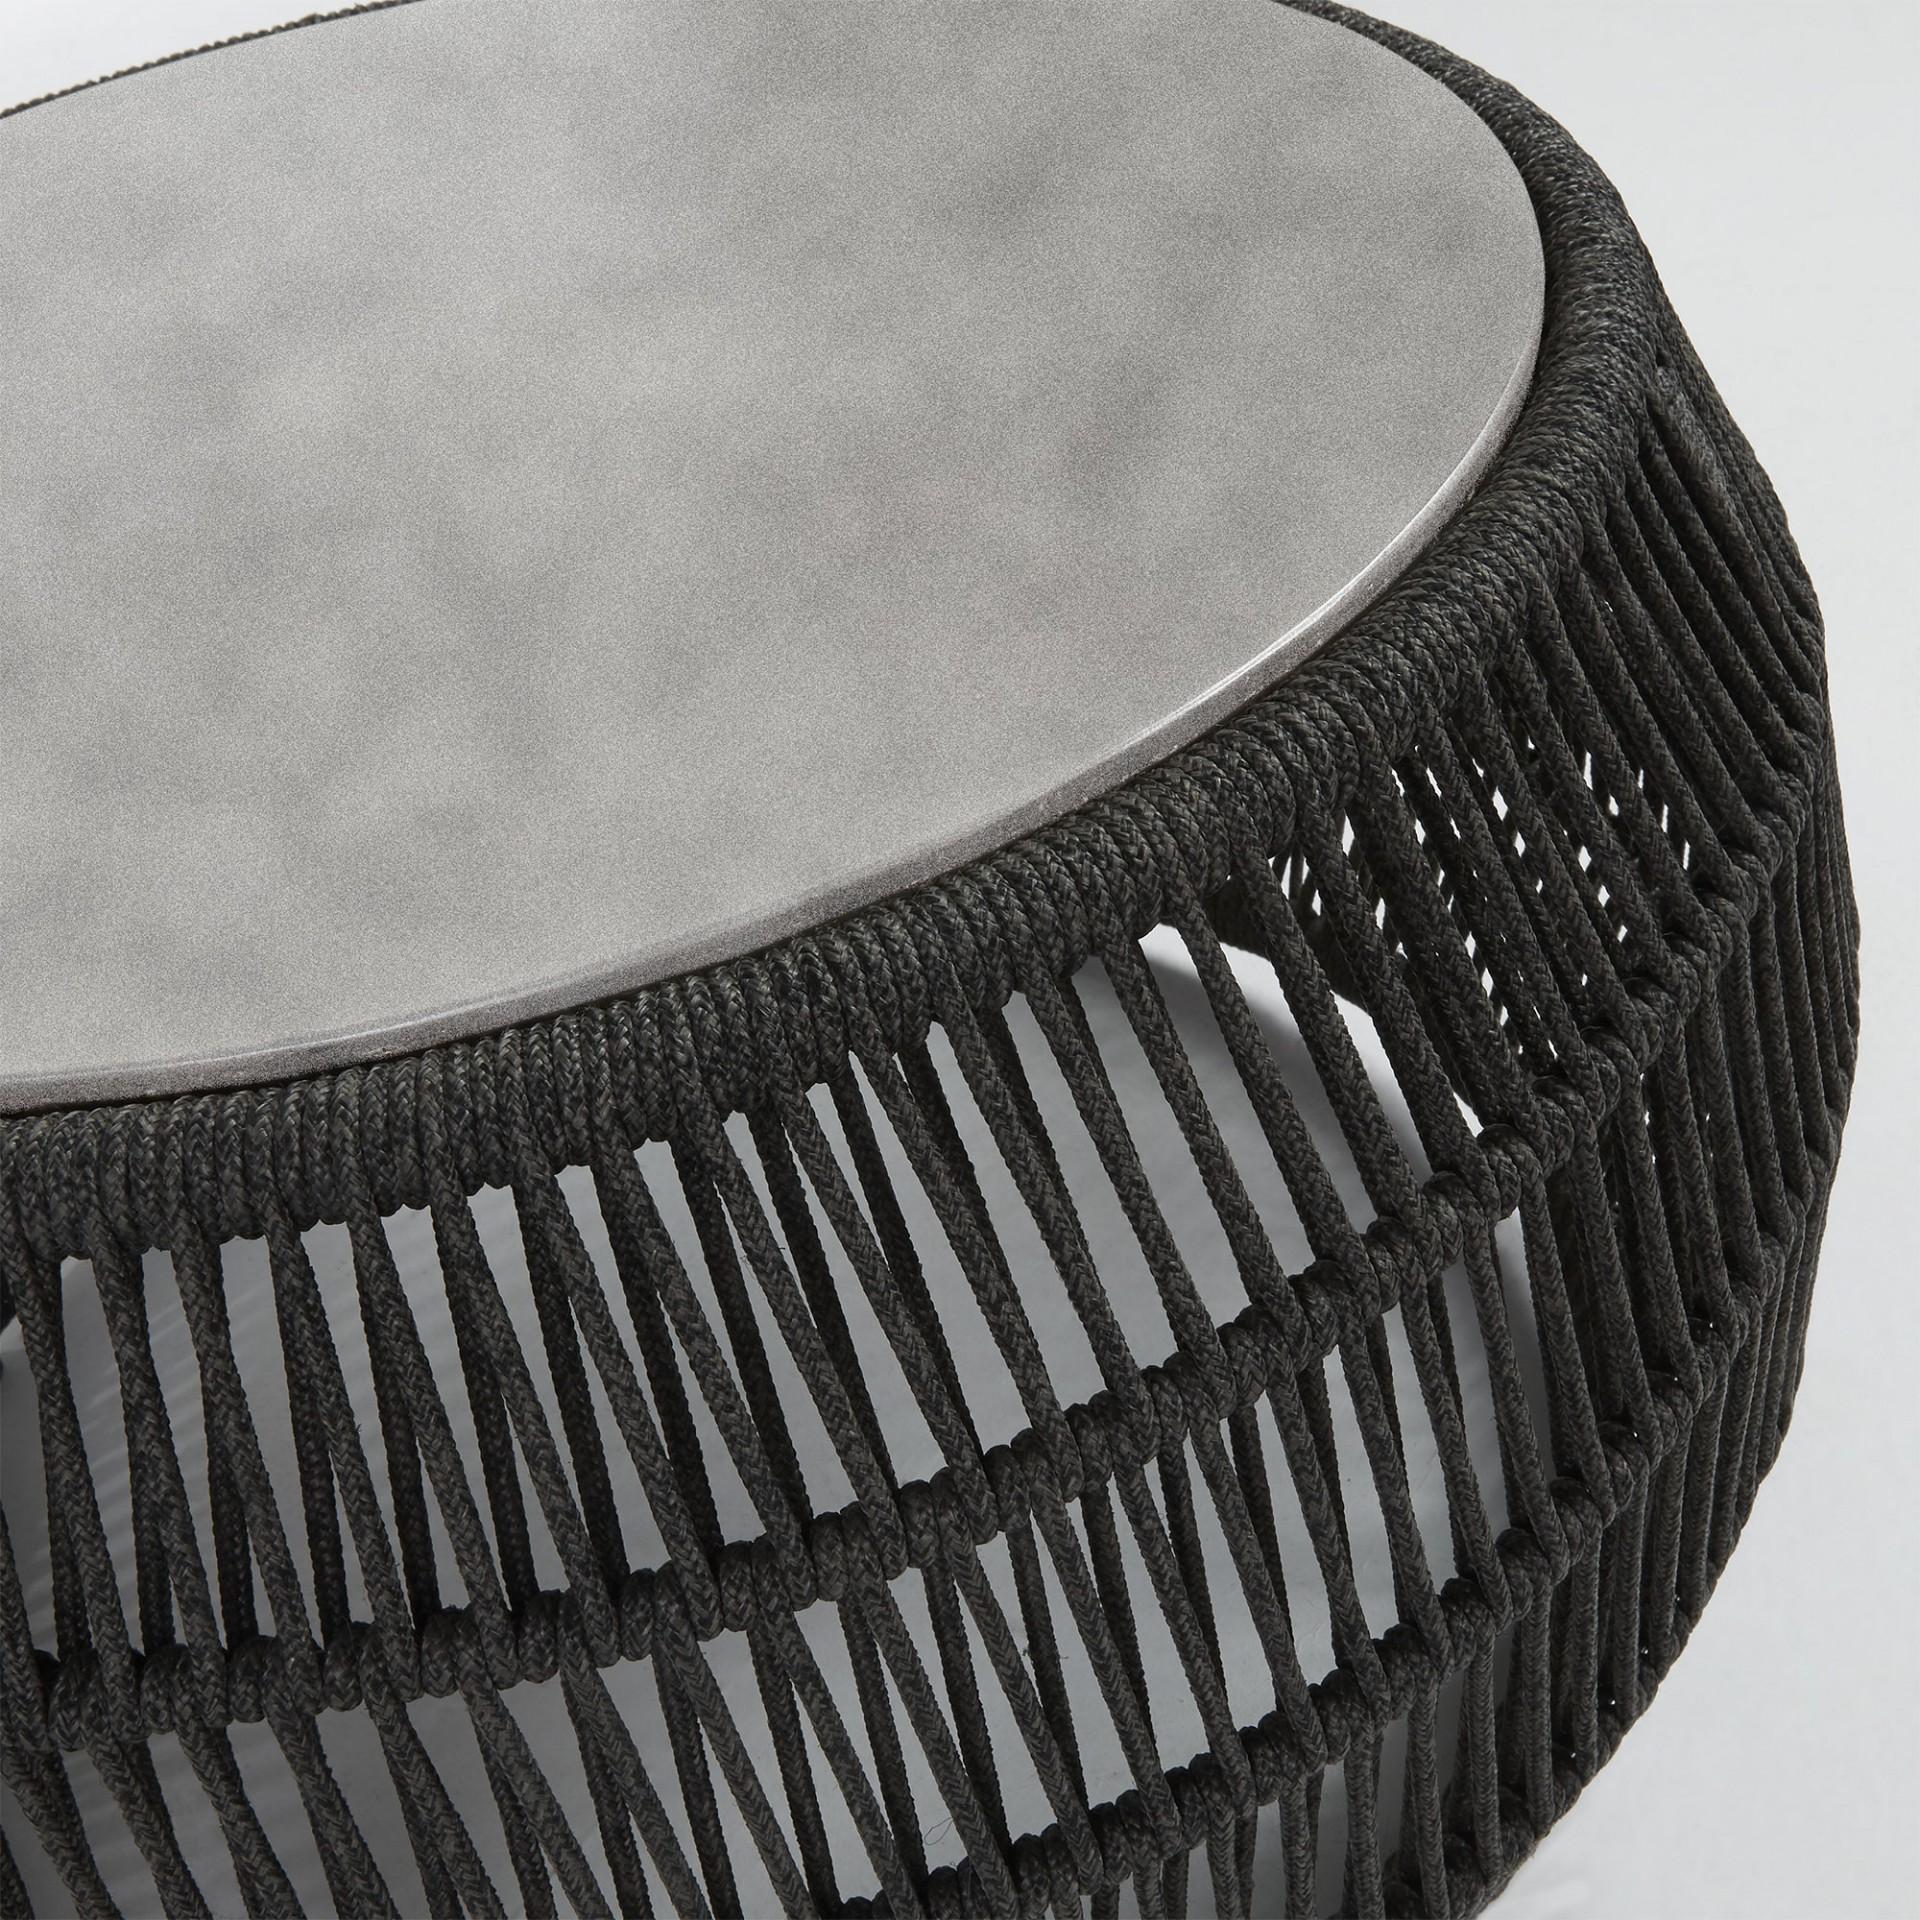 Mesa de apoio Gard, poli-cimento/corda de poliéster, Ø70x40